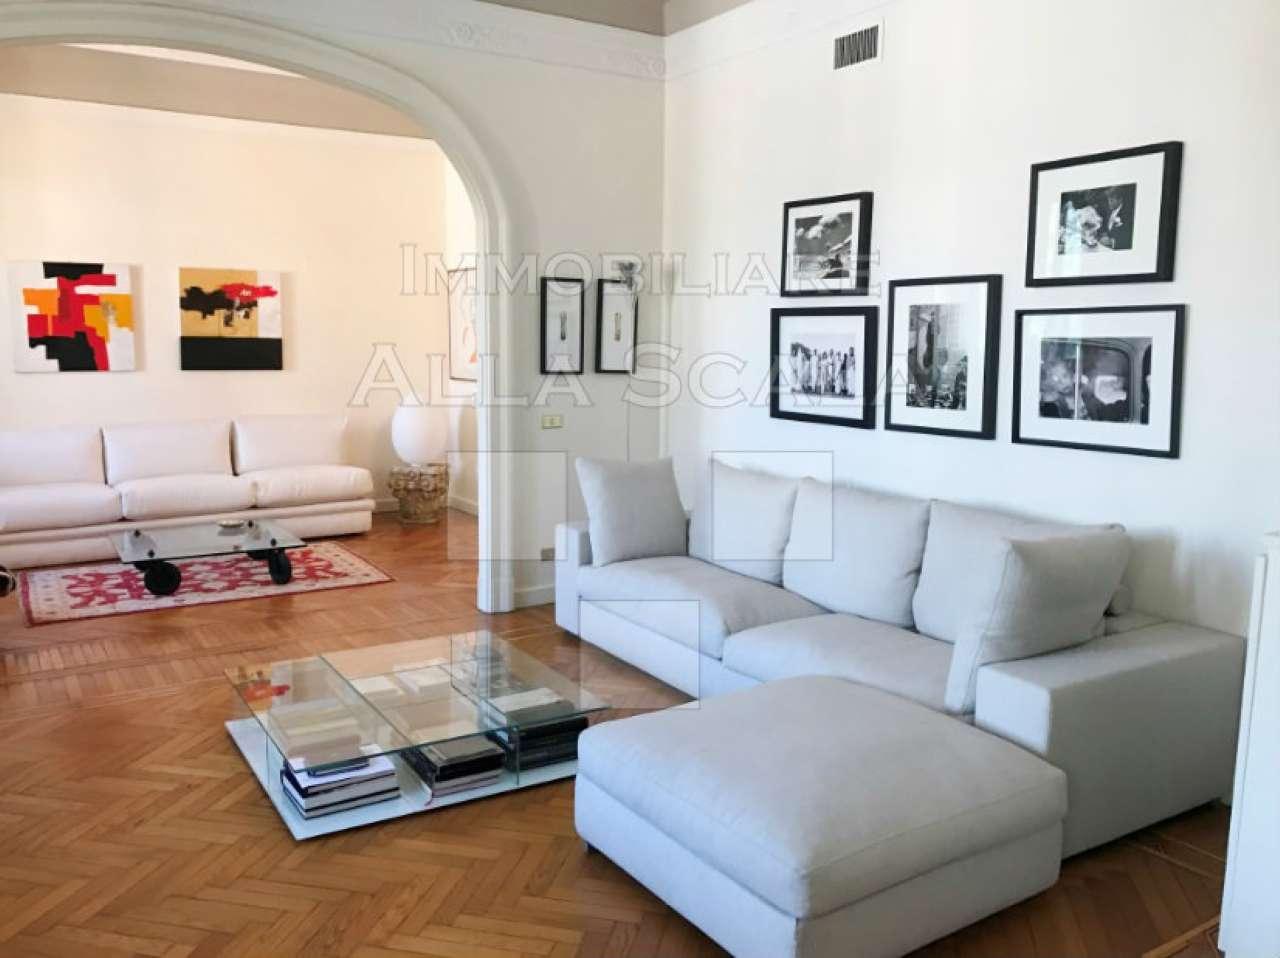 Appartamento in Affitto a Milano 01 Centro storico (Cerchia dei Navigli): 5 locali, 270 mq